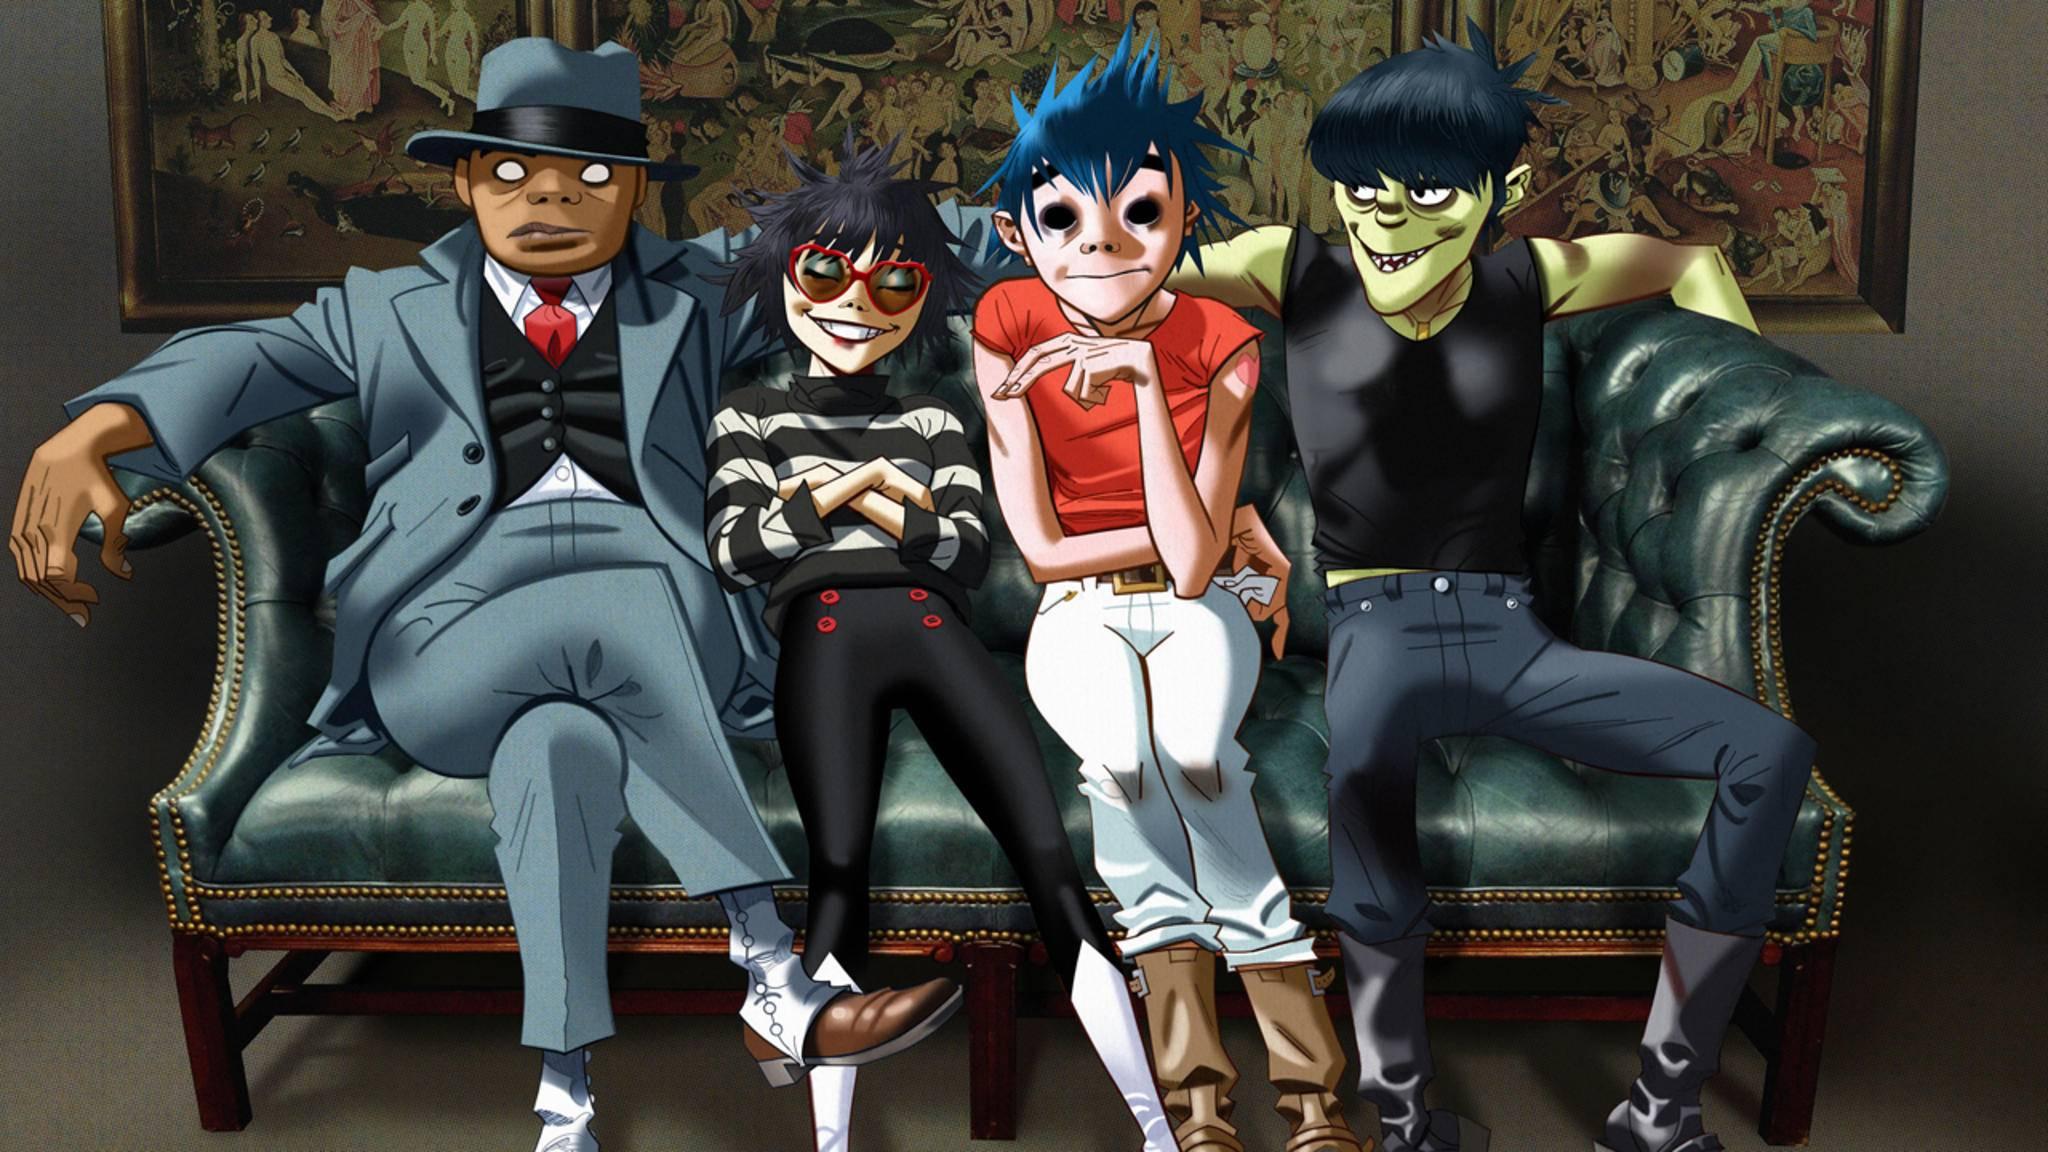 Die Gorillaz gibt es nur auf dem Papier und auf Bildschirmen. Trotzdem nahmen zwei Mitglieder nun an einem Interview mit BBC 1 teil.